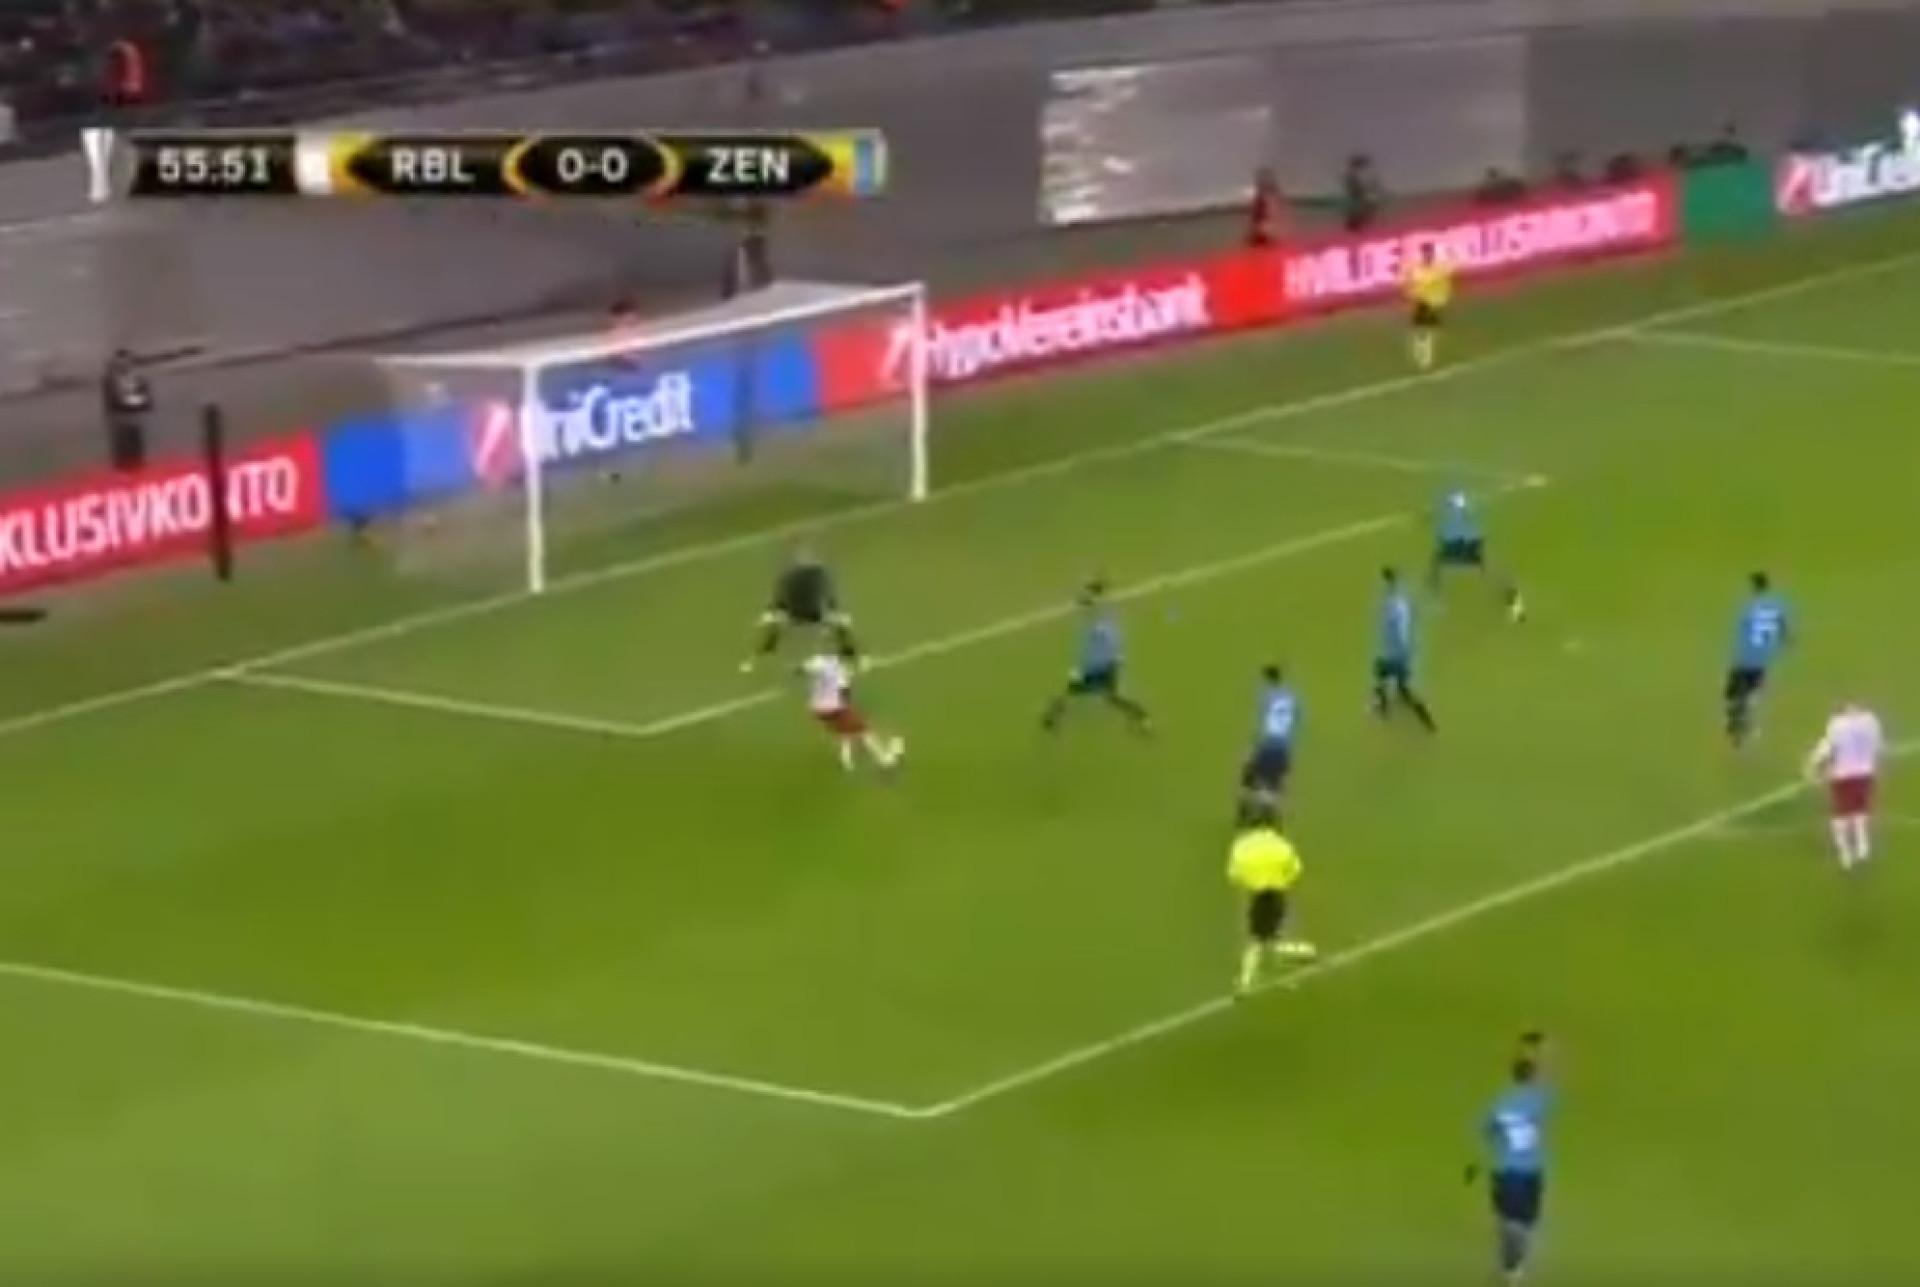 Após assistência magistral, eis o golo de Bruma ao Zenit